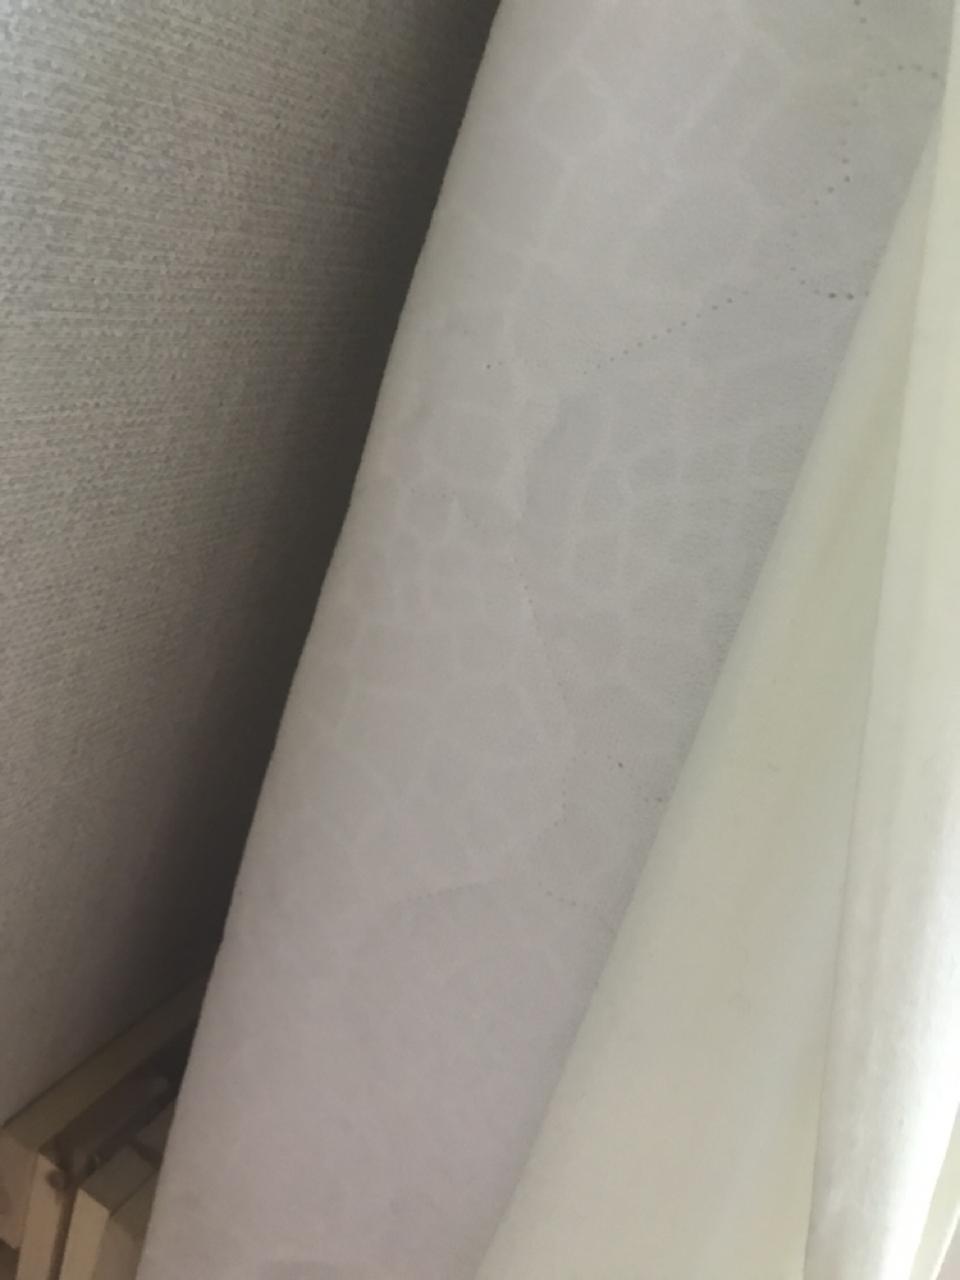 수퍼싱글 매트리스 침대 와 습기방지 접이식 침대평상